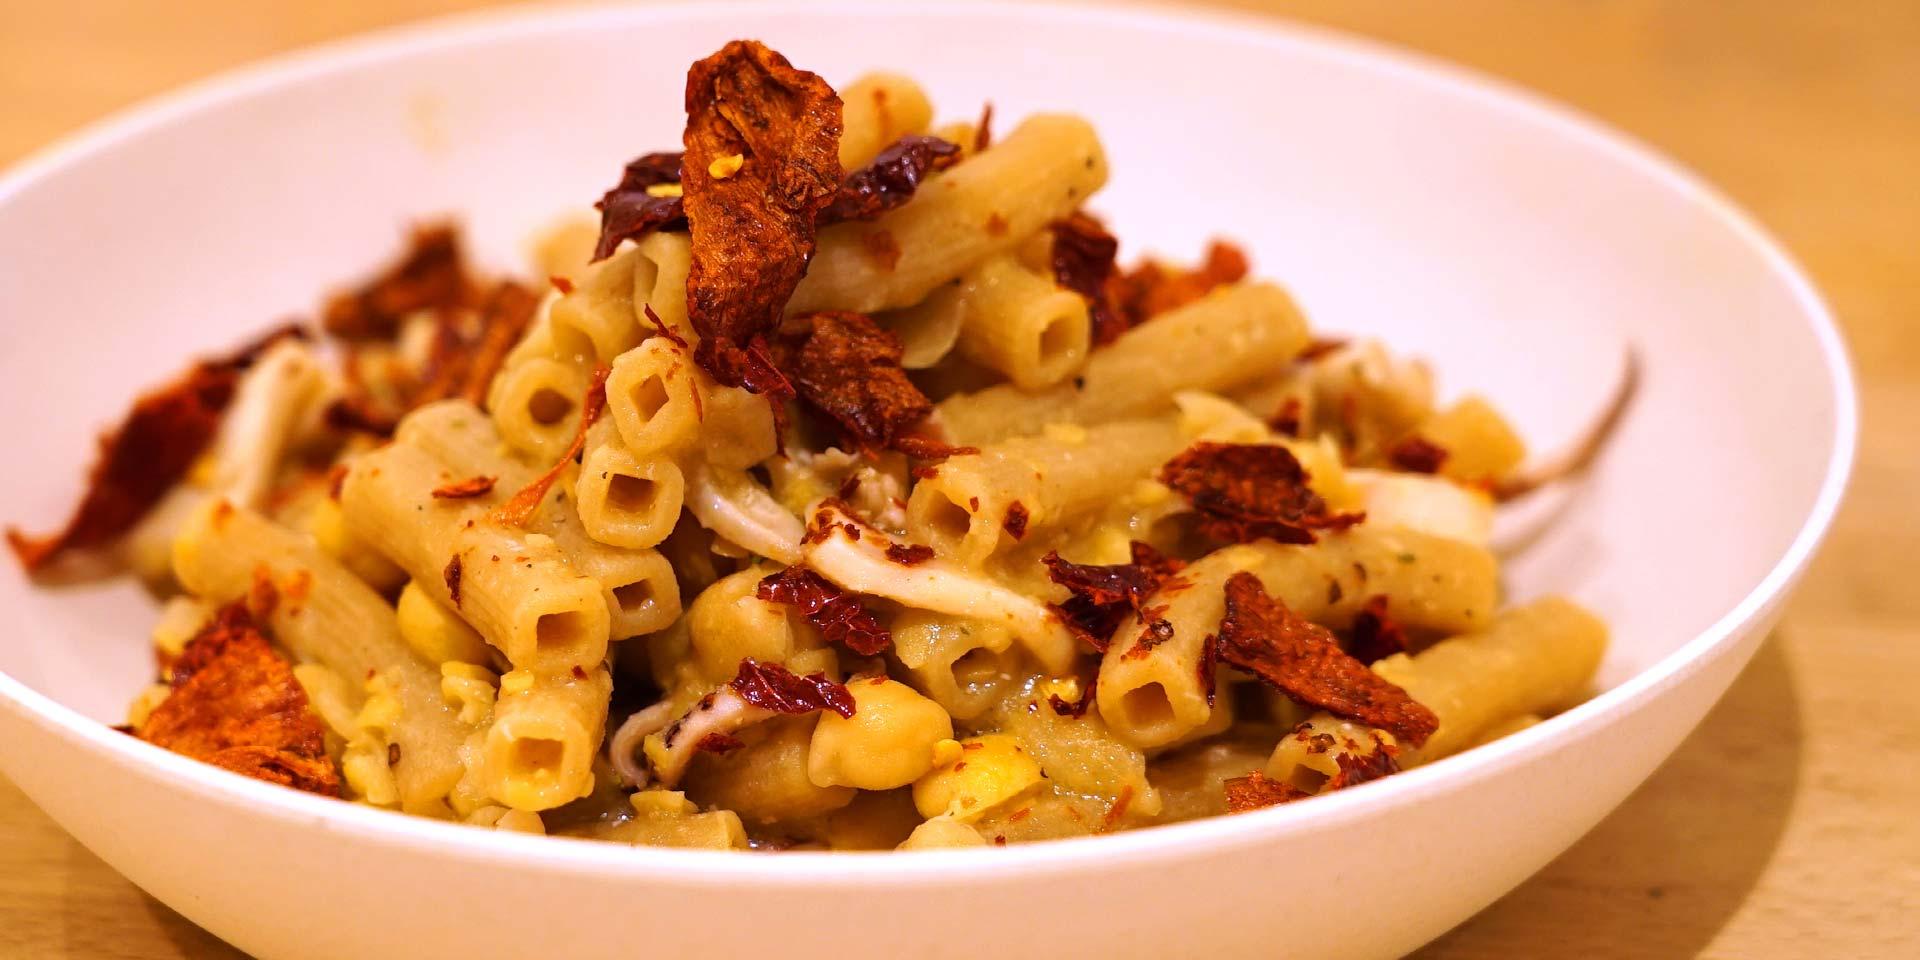 Ricetta Quadrotto integrale con calamari e peperone crusco - La Molisana